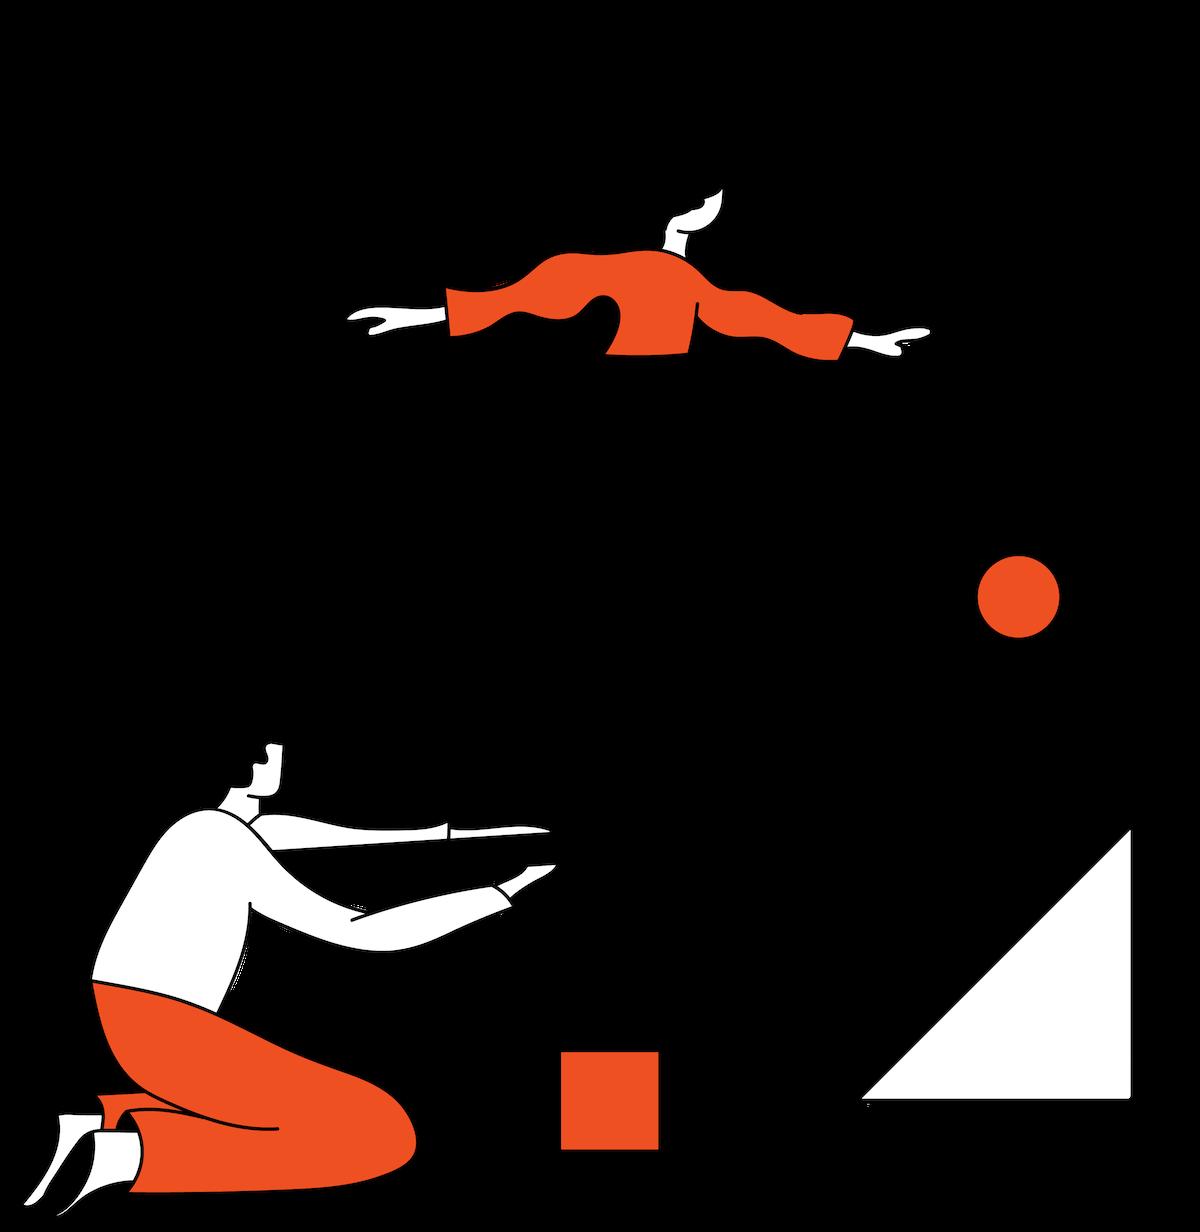 orange illustration uincept-22.png